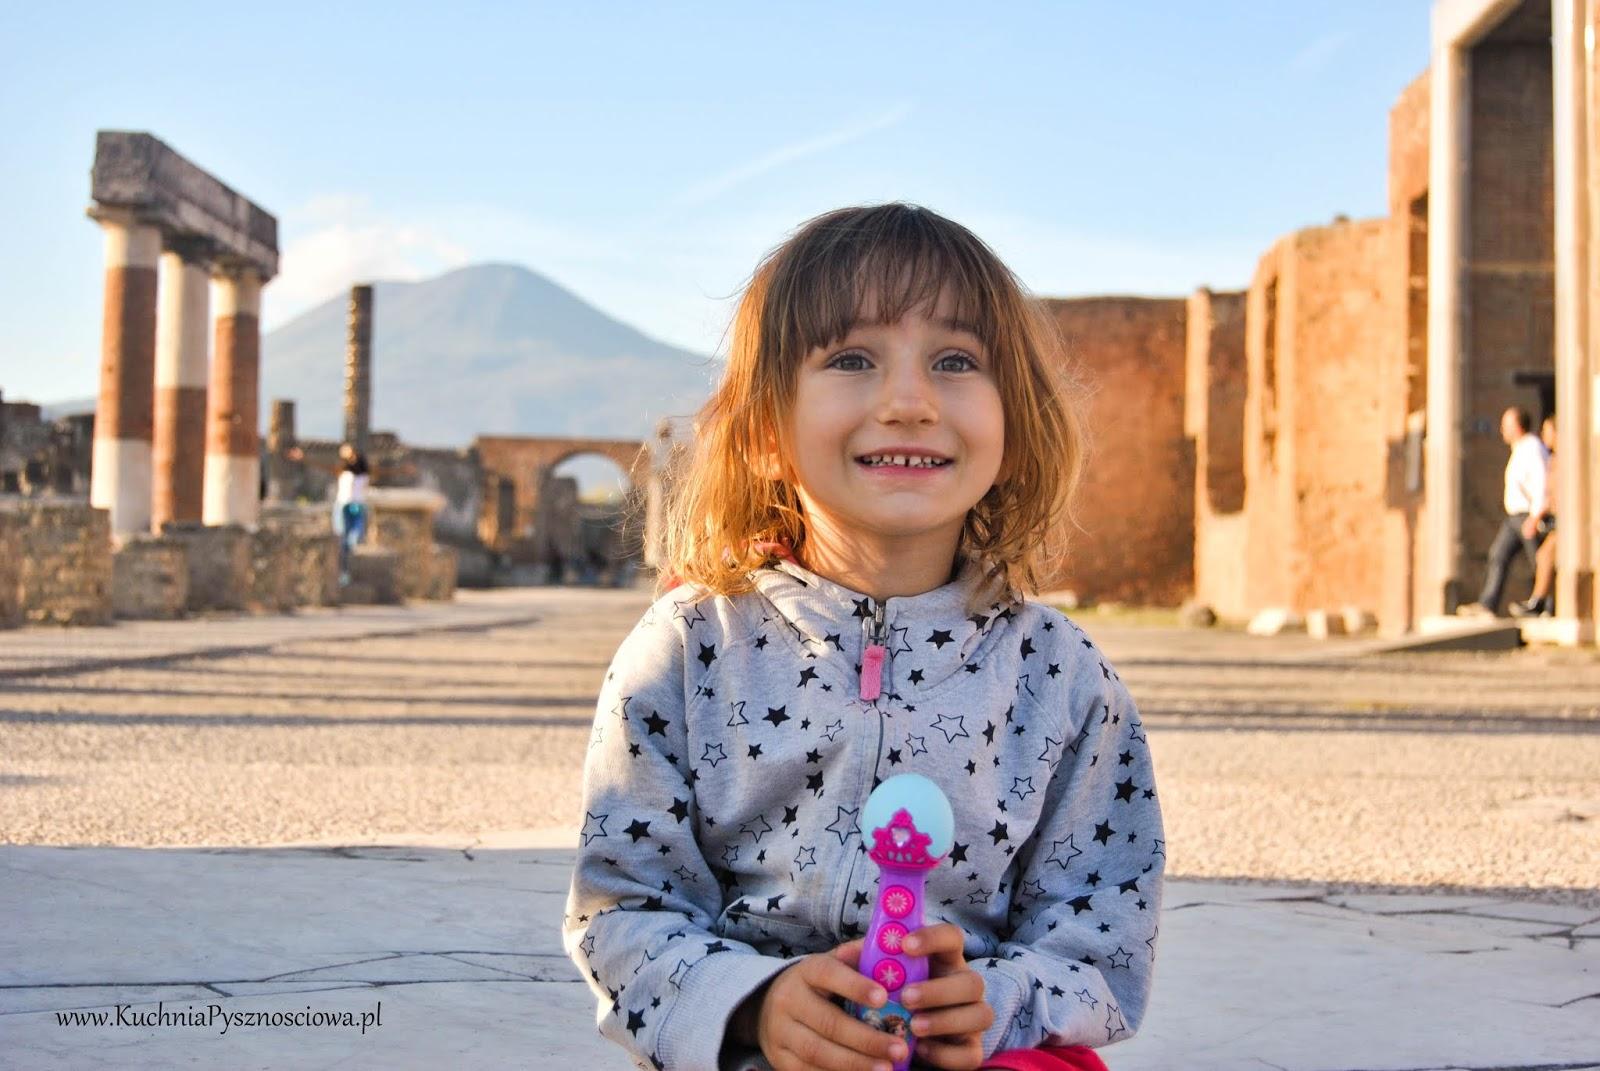 Neapol, czyli stolica pizzy- z dzieckiem, co zwiedzać i jak przeżyć w tłumie turystów